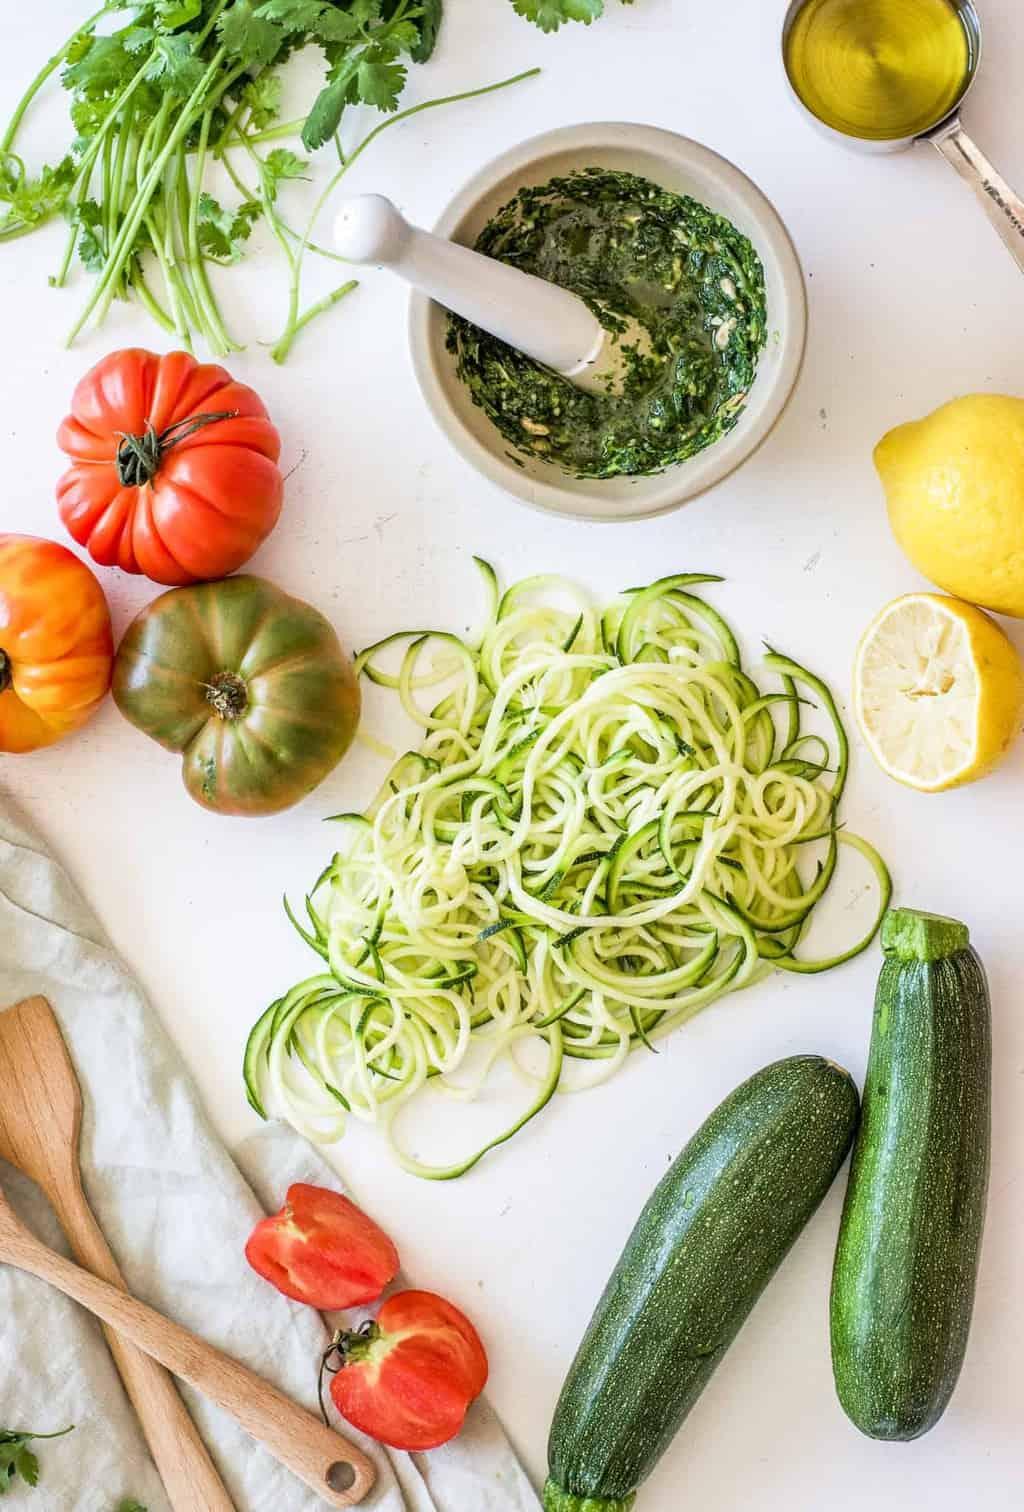 Detox Zucchini Noodles with Cilantro Pesto